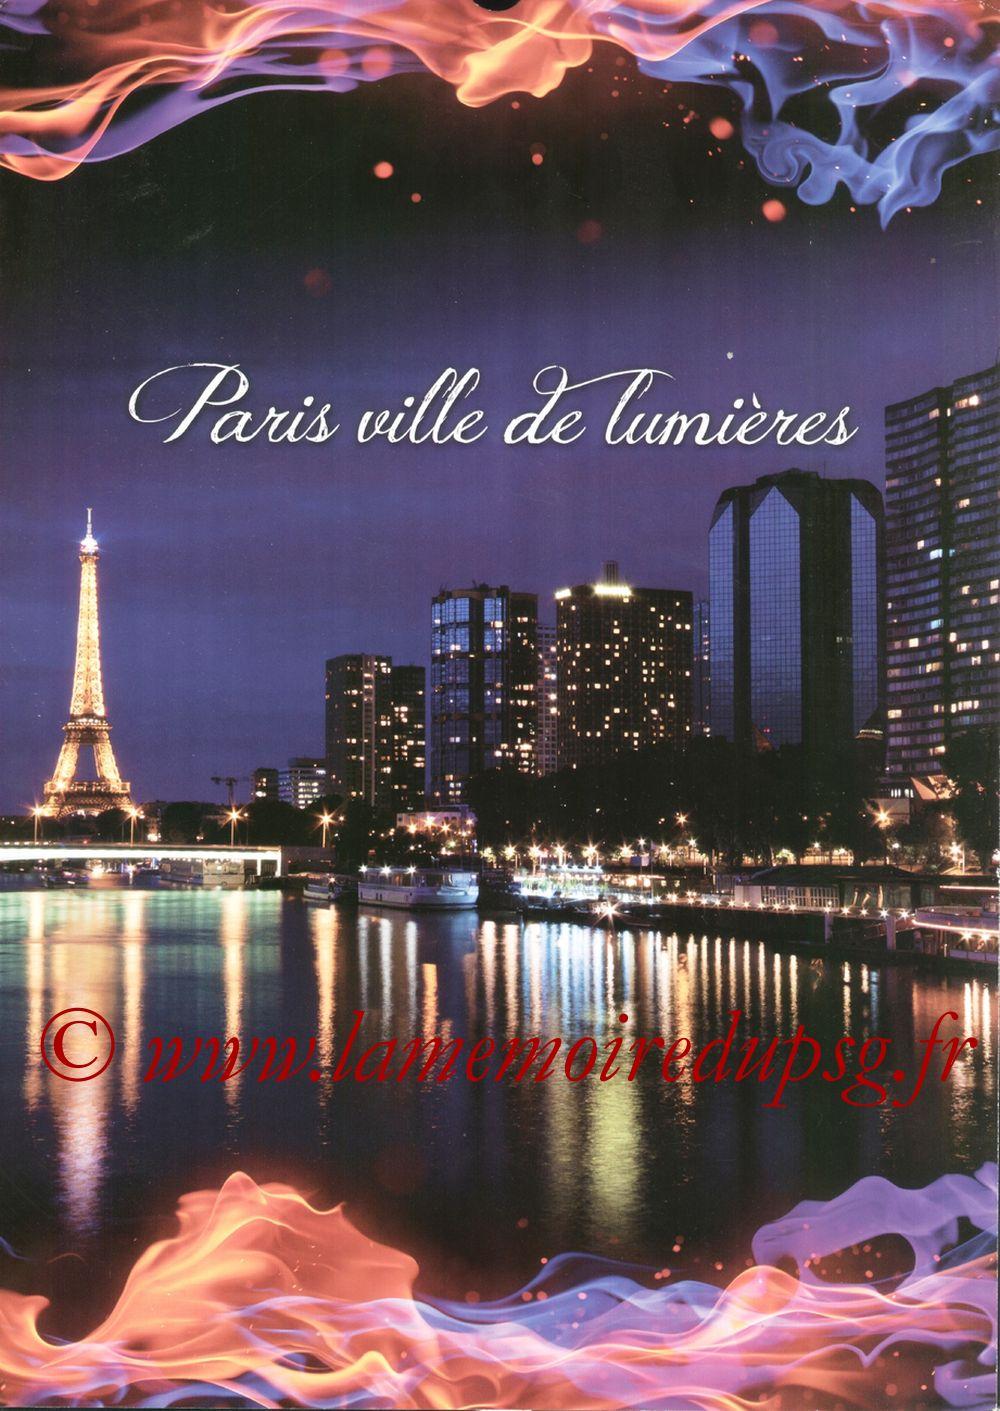 Calendrier PSG 2012bis - Page 00 - Paris ville de lumières